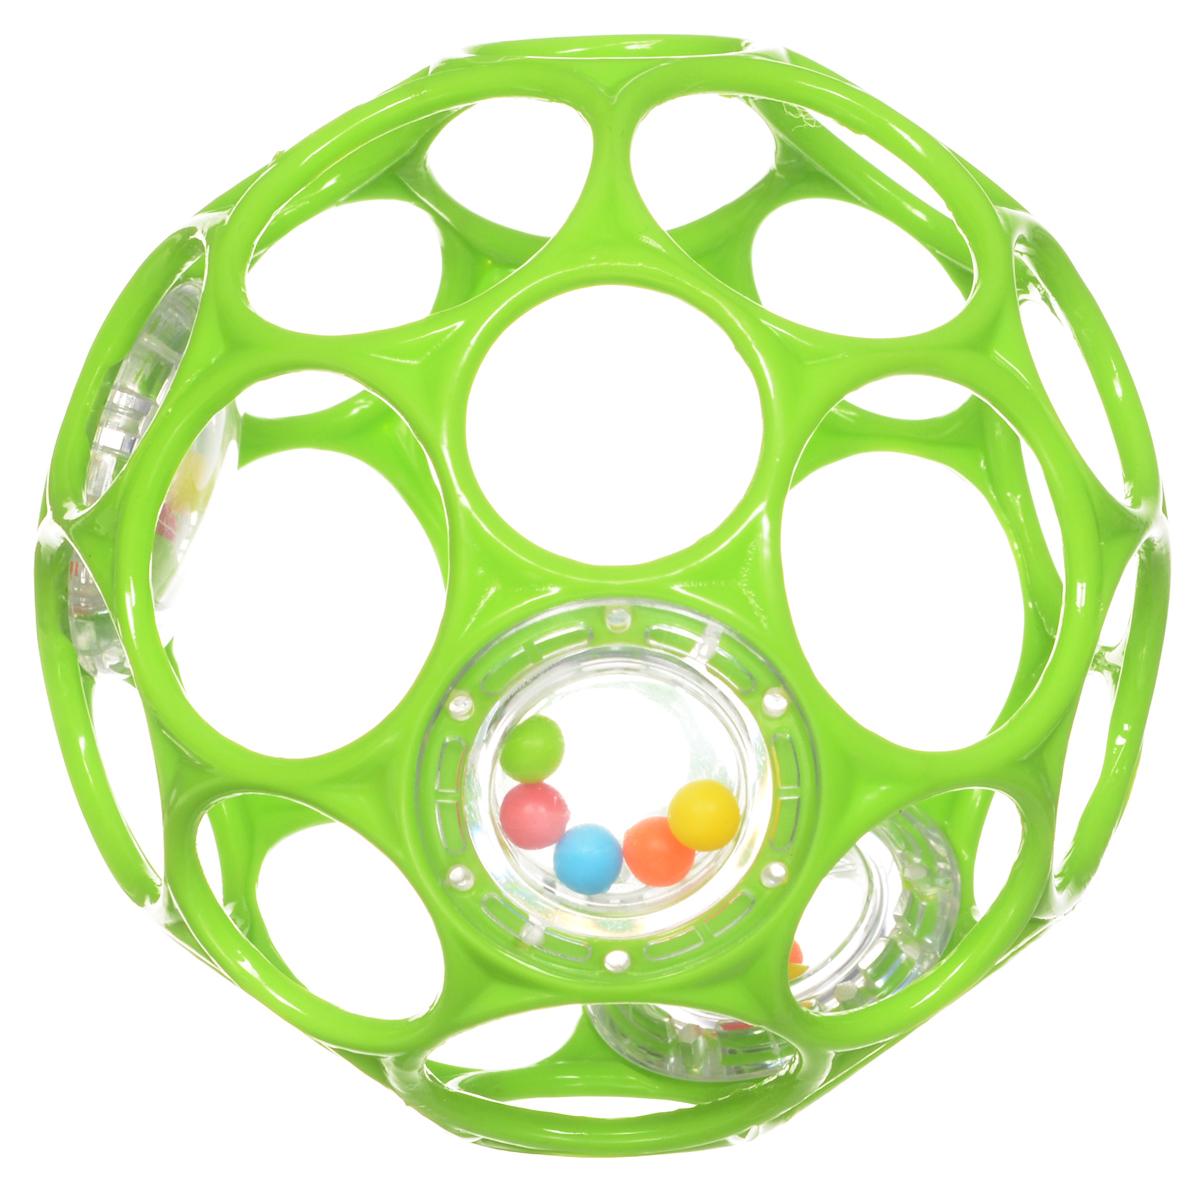 Oball Мячик Гремящий цвет салатовый головоломки oball развивающая игрушка на присоске oball